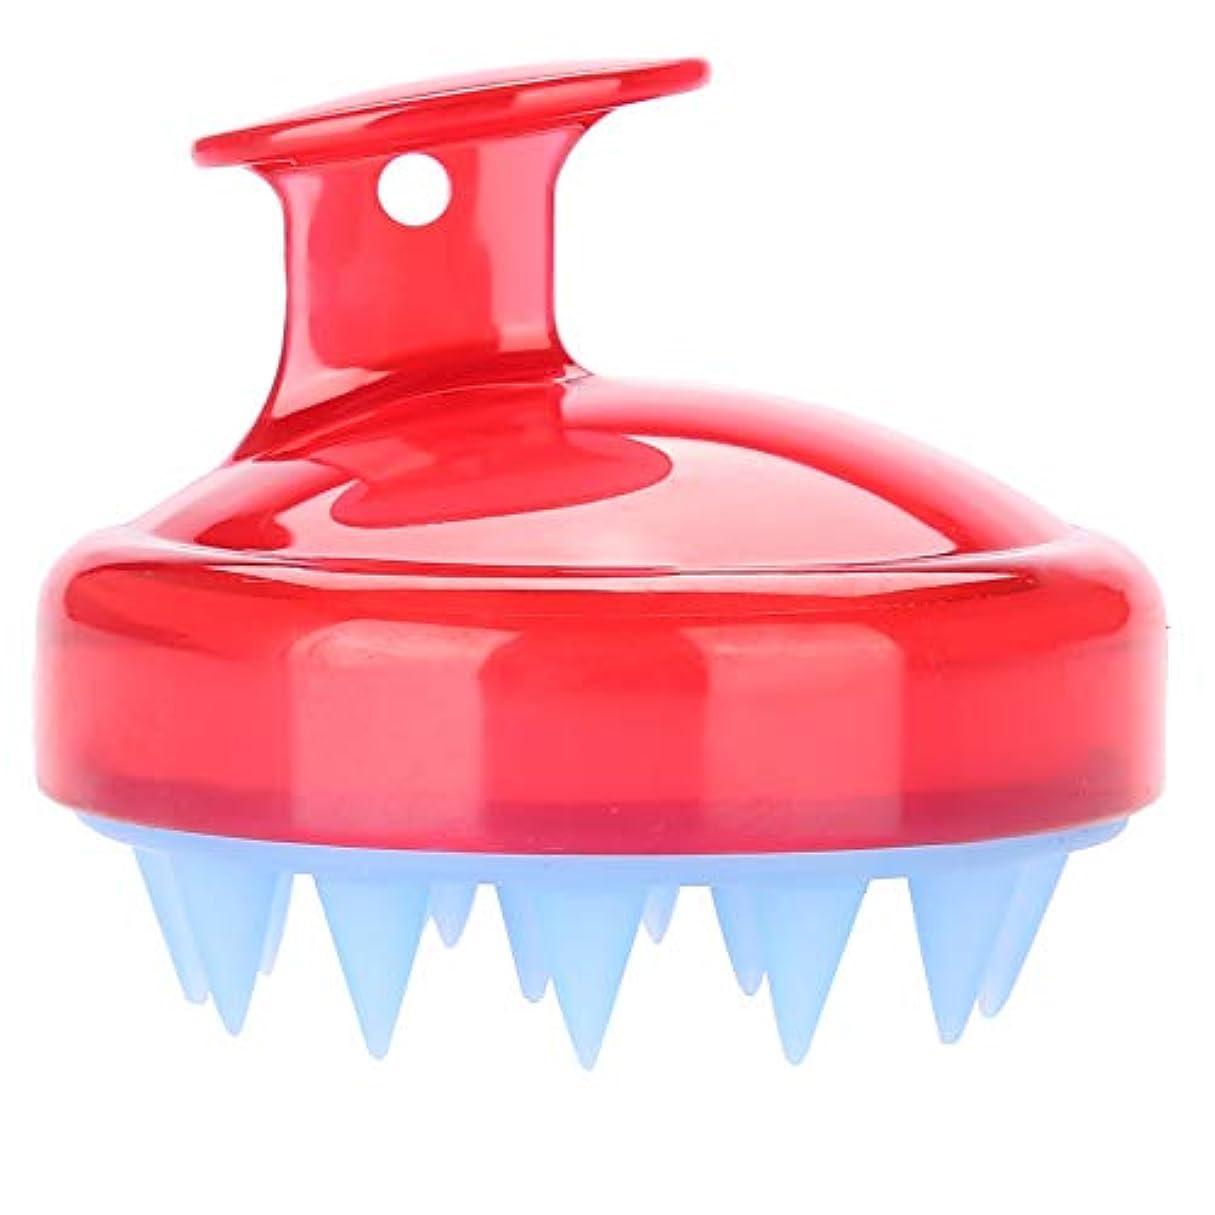 不均一木材器用5色マッサージャーヘッド - スカルプマッサージャー、マッサージャーブラシヘッドシャンプー - ボディ洗浄マッサージャーのためのシャワーブラシ(赤)